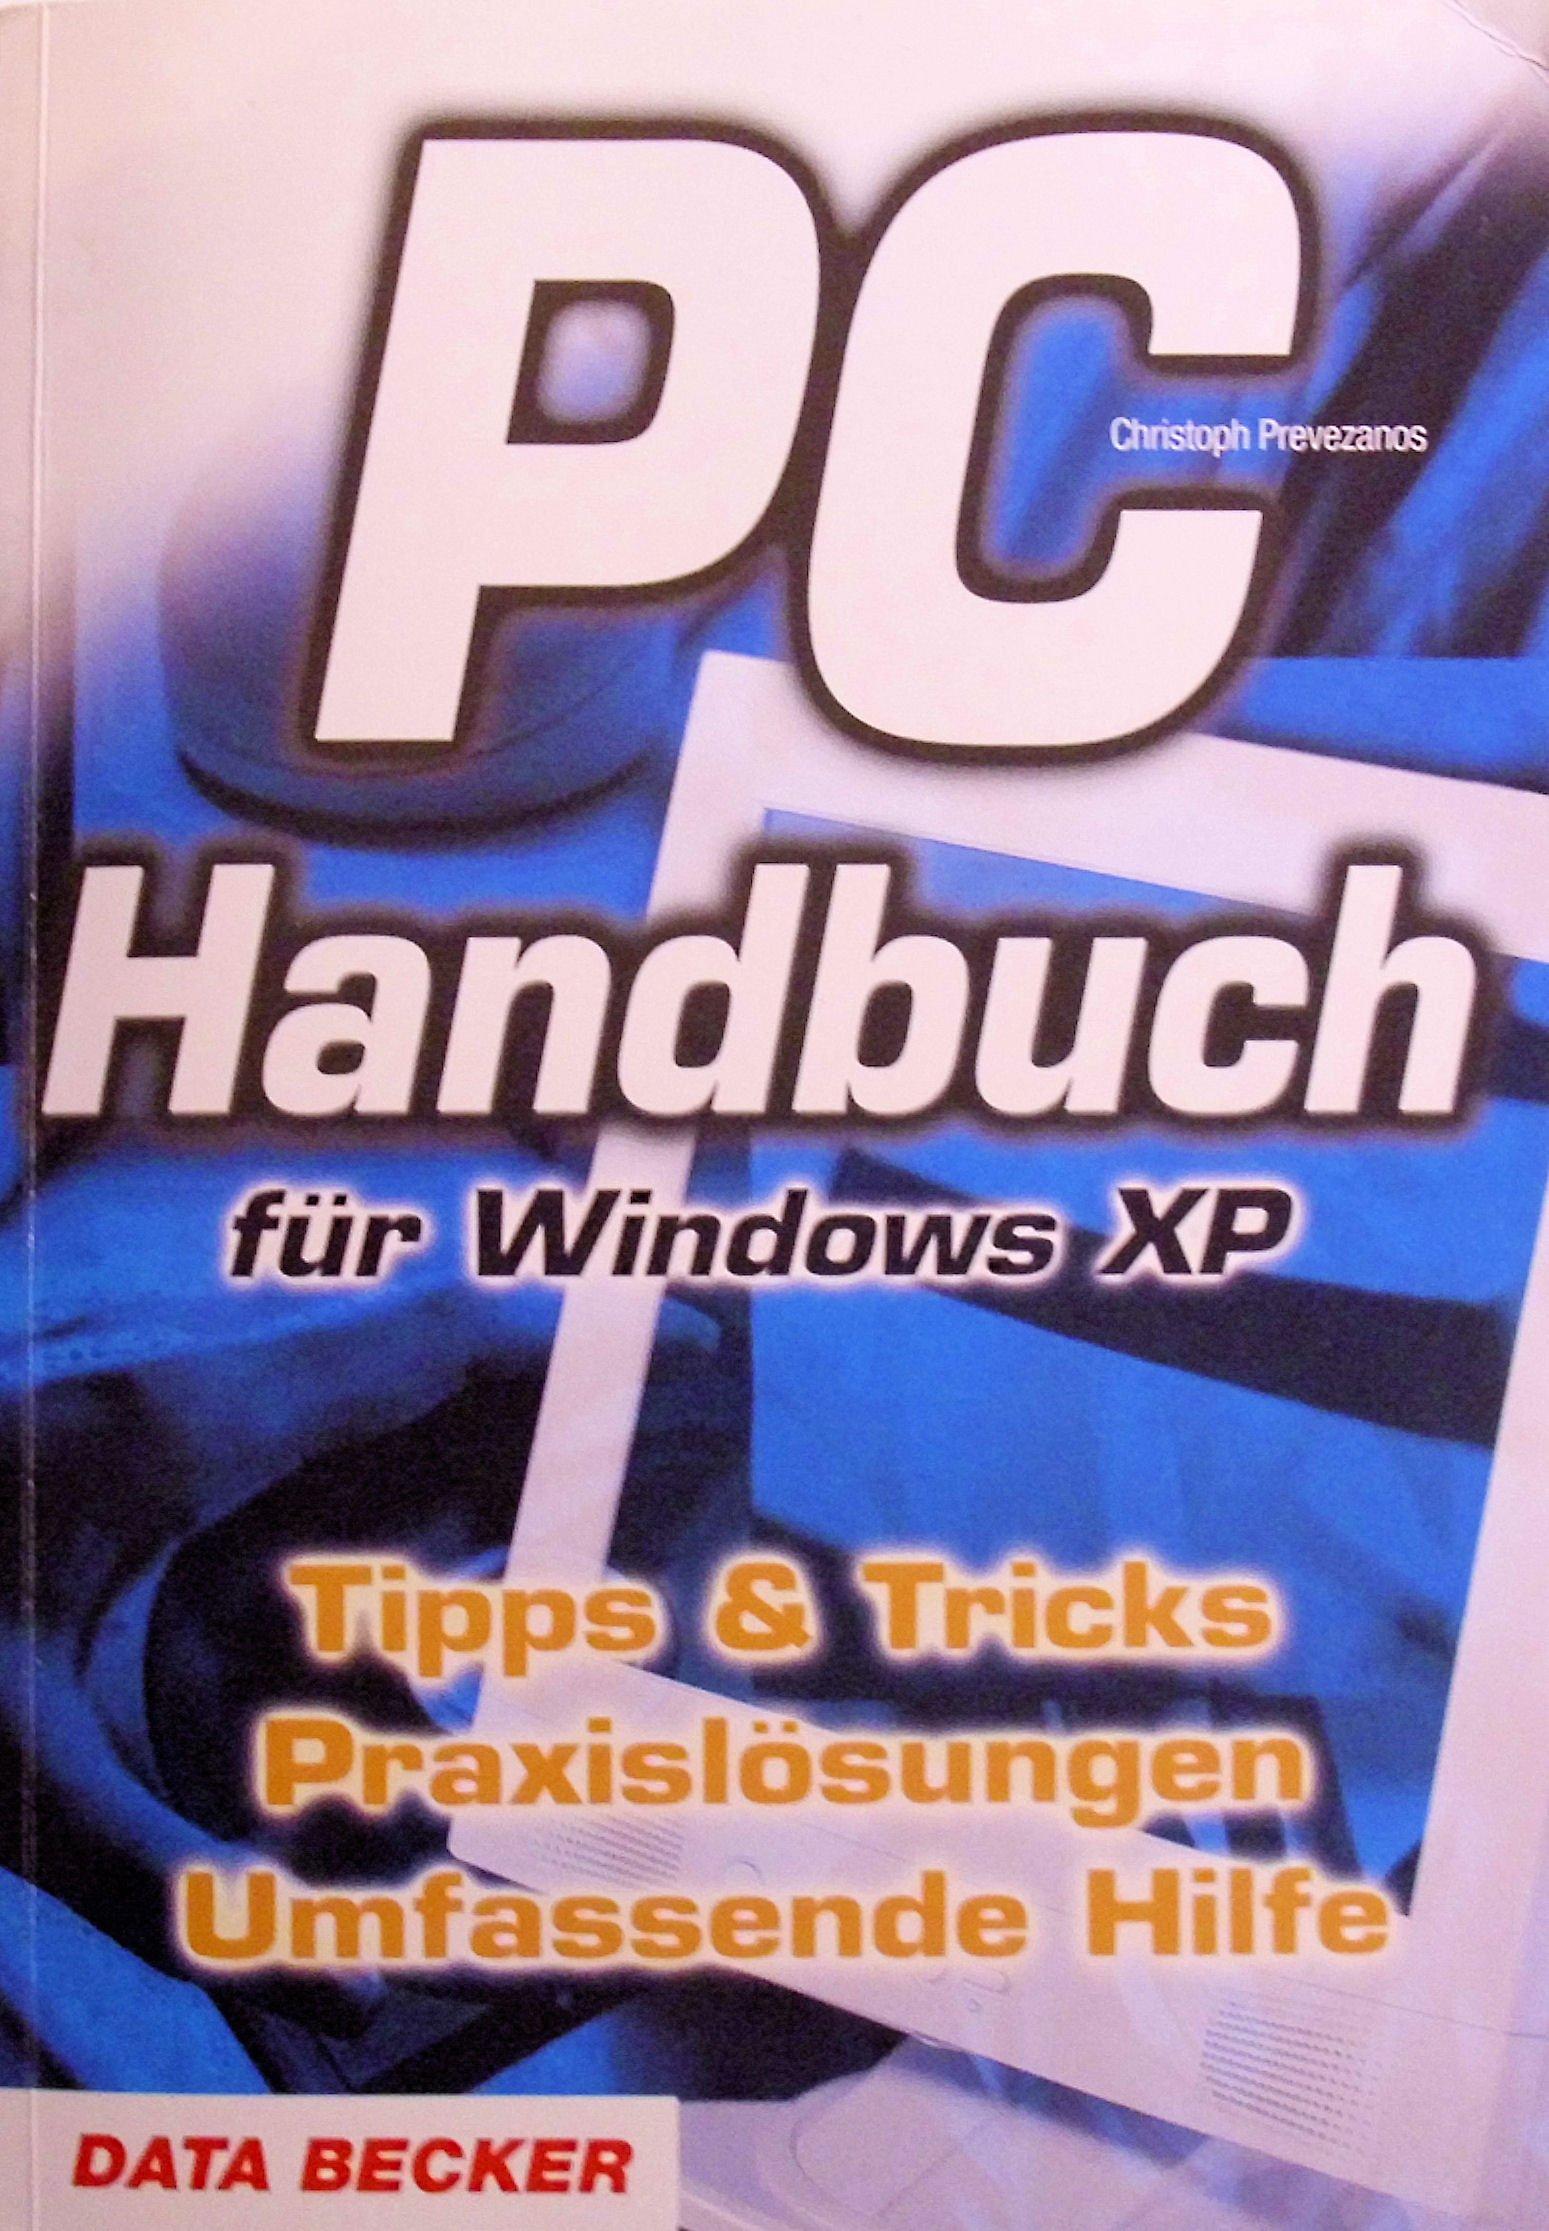 PC-Handbuch für Windows XP: Tipps und Tricks, Praxislösungen, Umfassende Hilfe